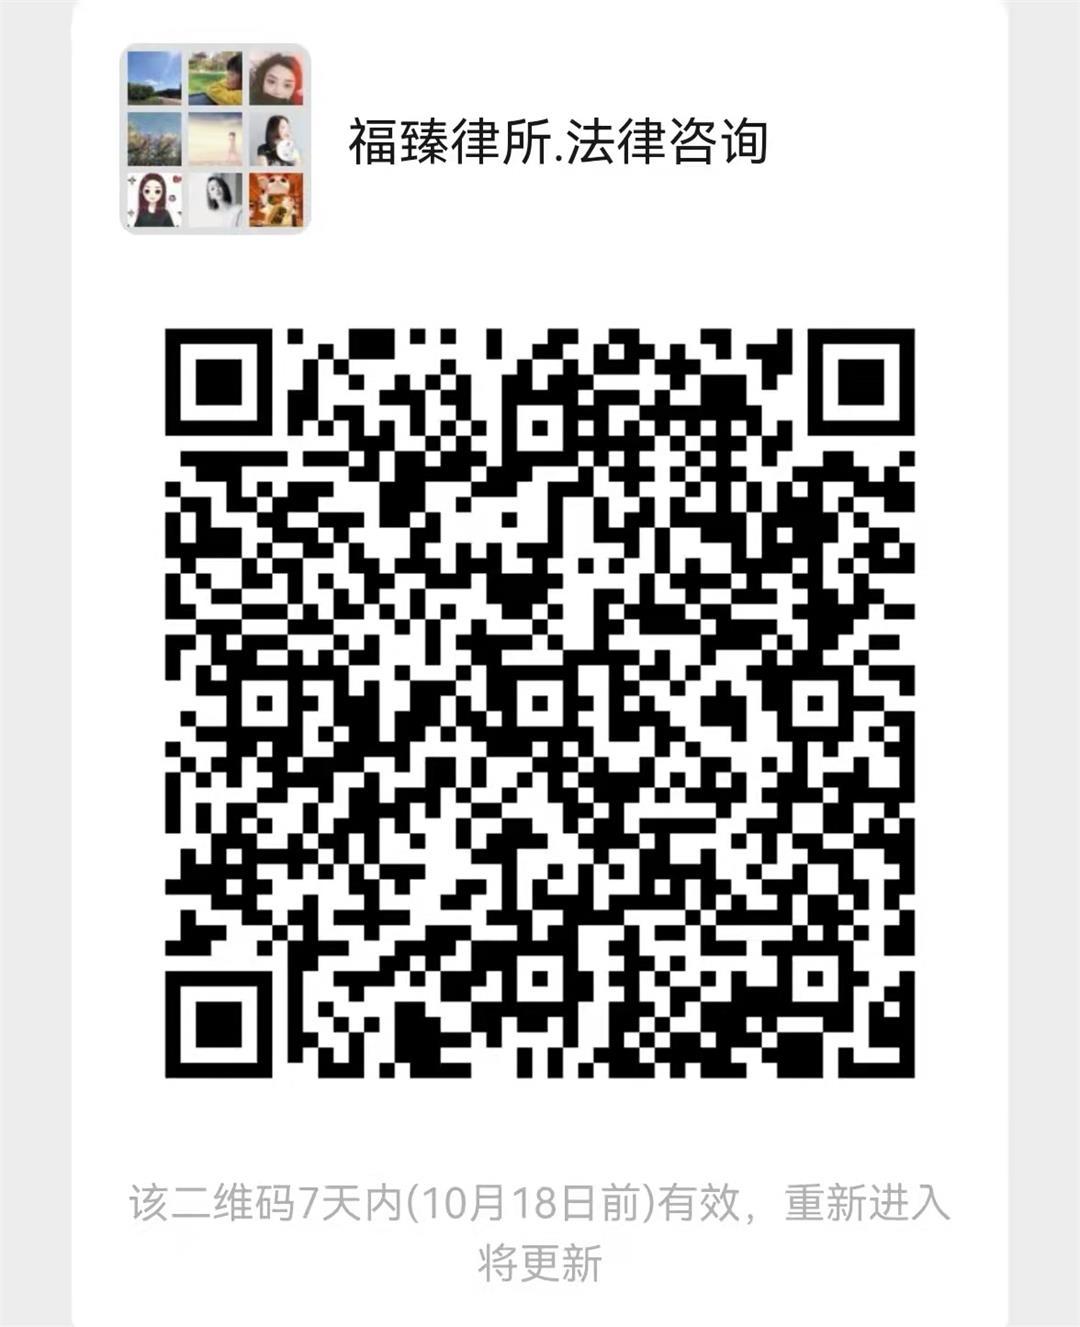 微信图片_20211011101740.jpg